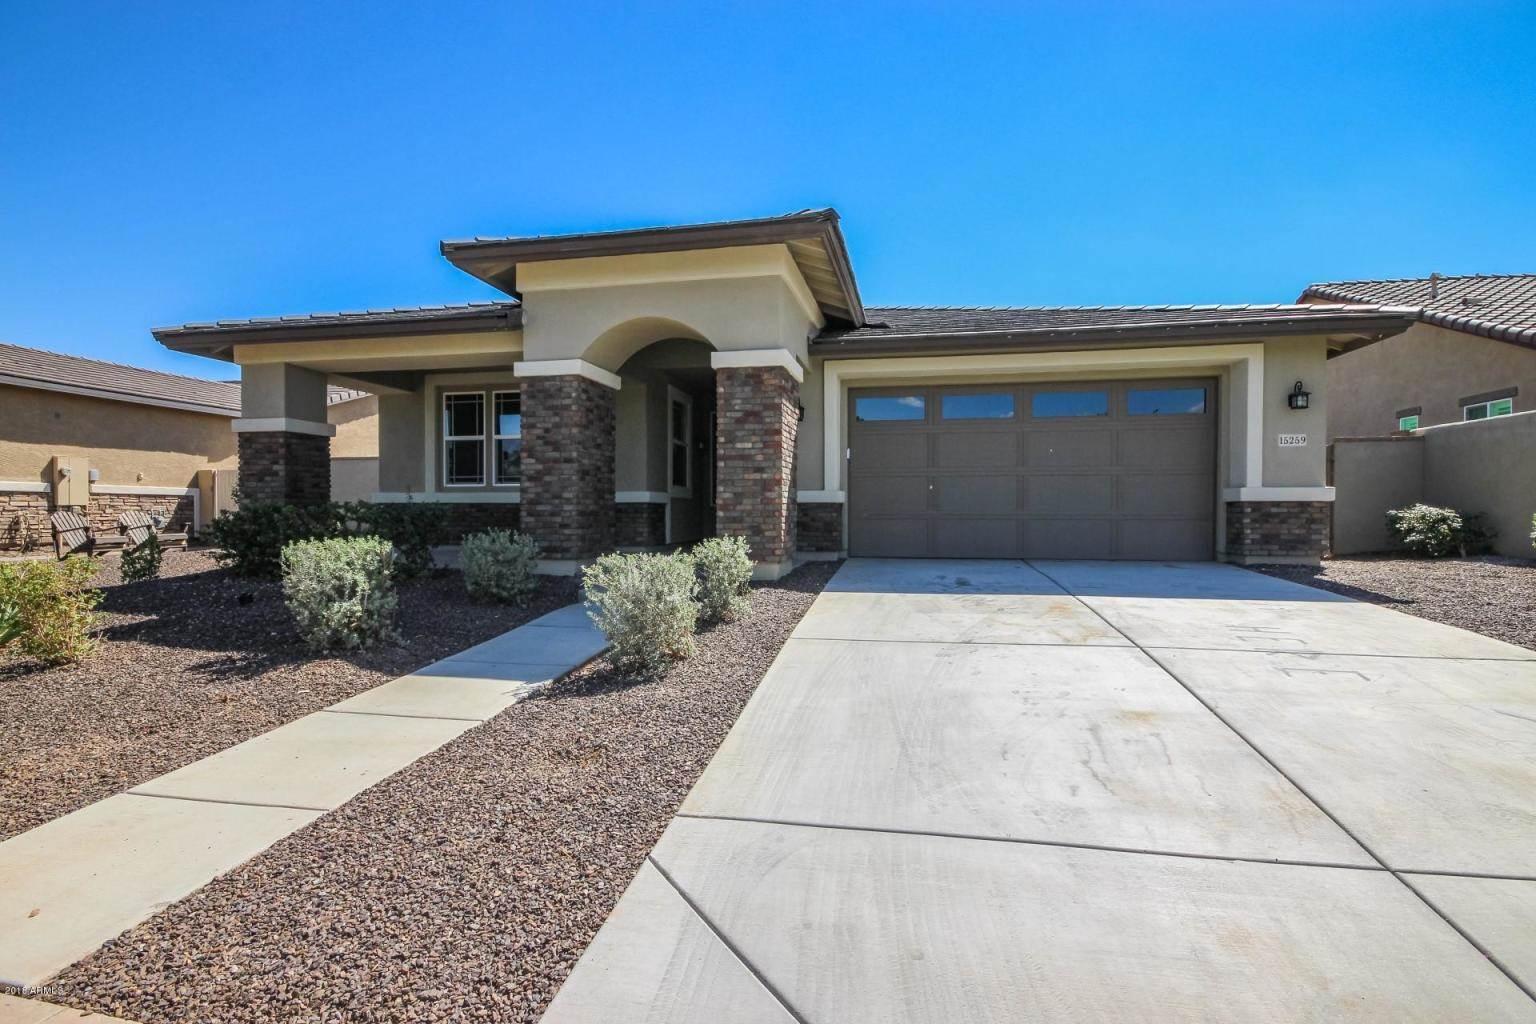 15259 W Charter Oak Rd, Surprise, AZ 85379